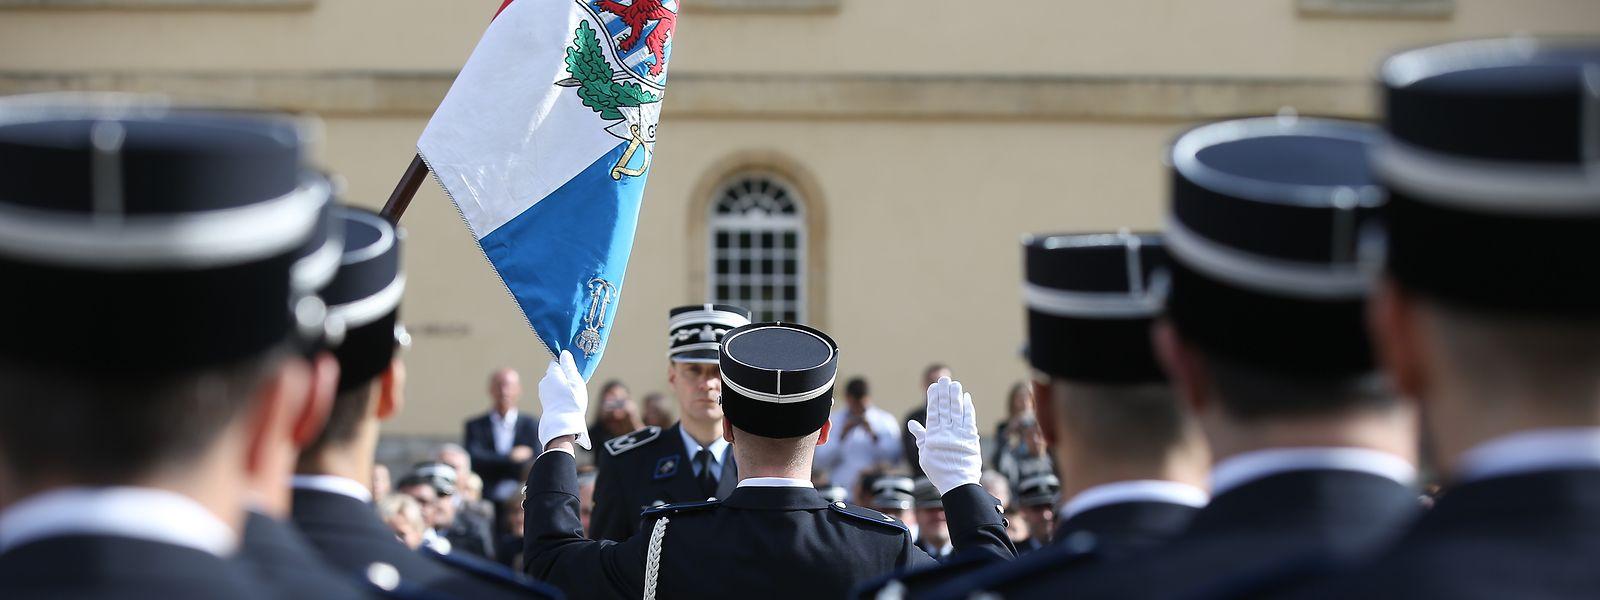 Cérémonie d'assermentation de la 15e promotion inspecteurs de la police grand-ducale.